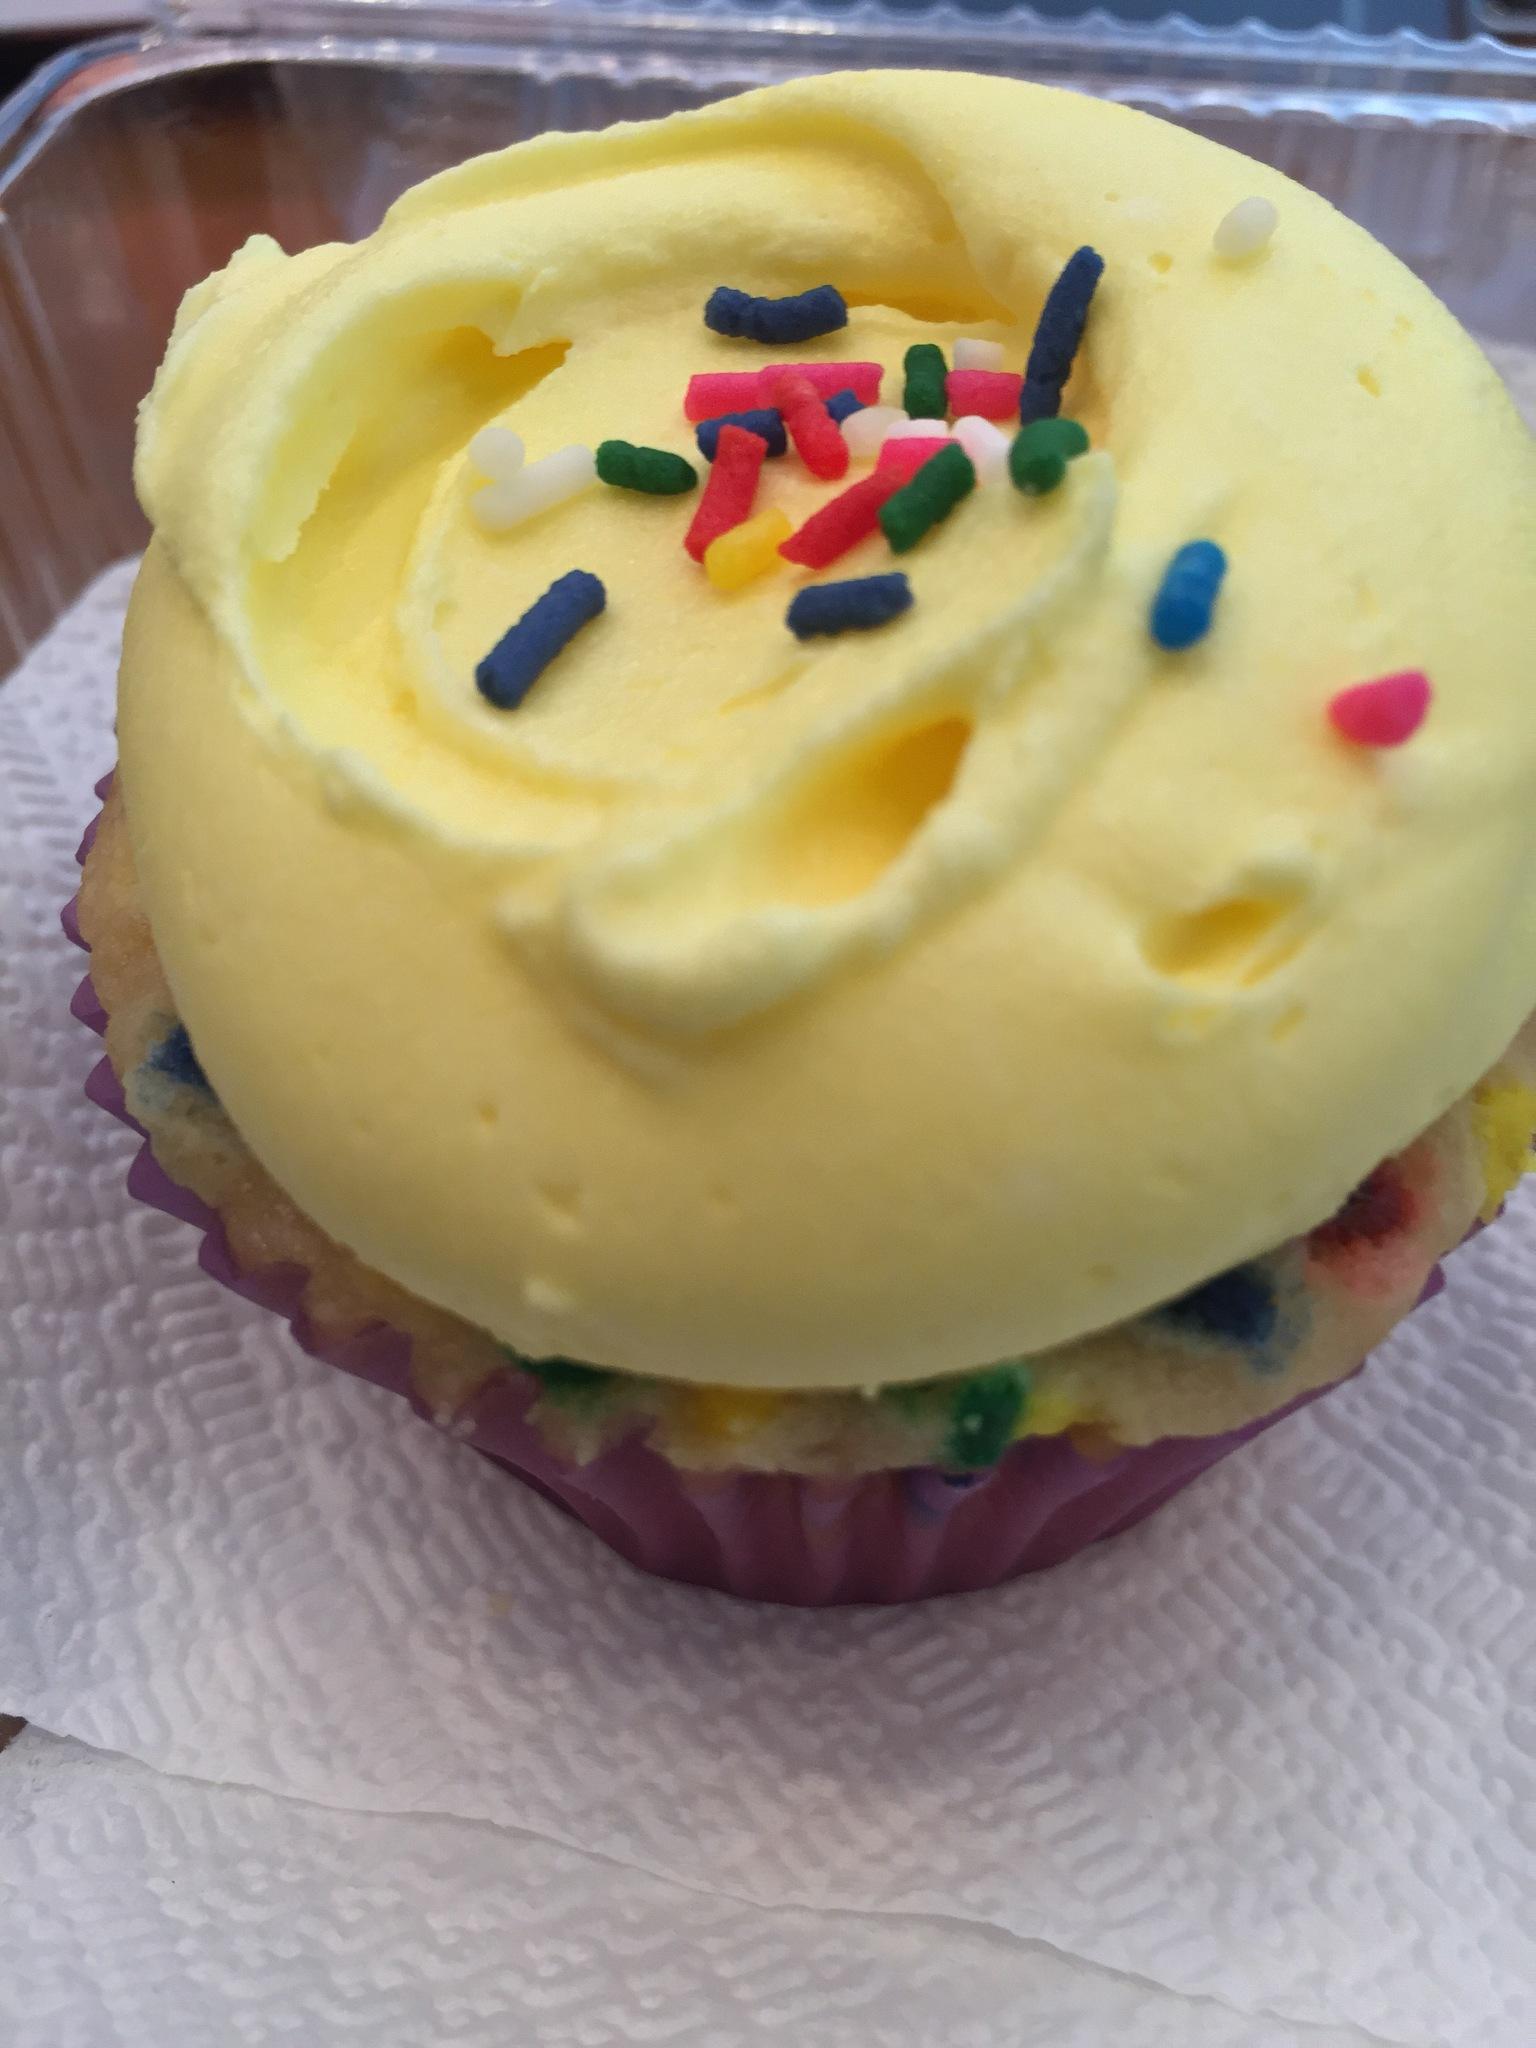 Valentine's Day cupcake by Maniniyot ng Maynila